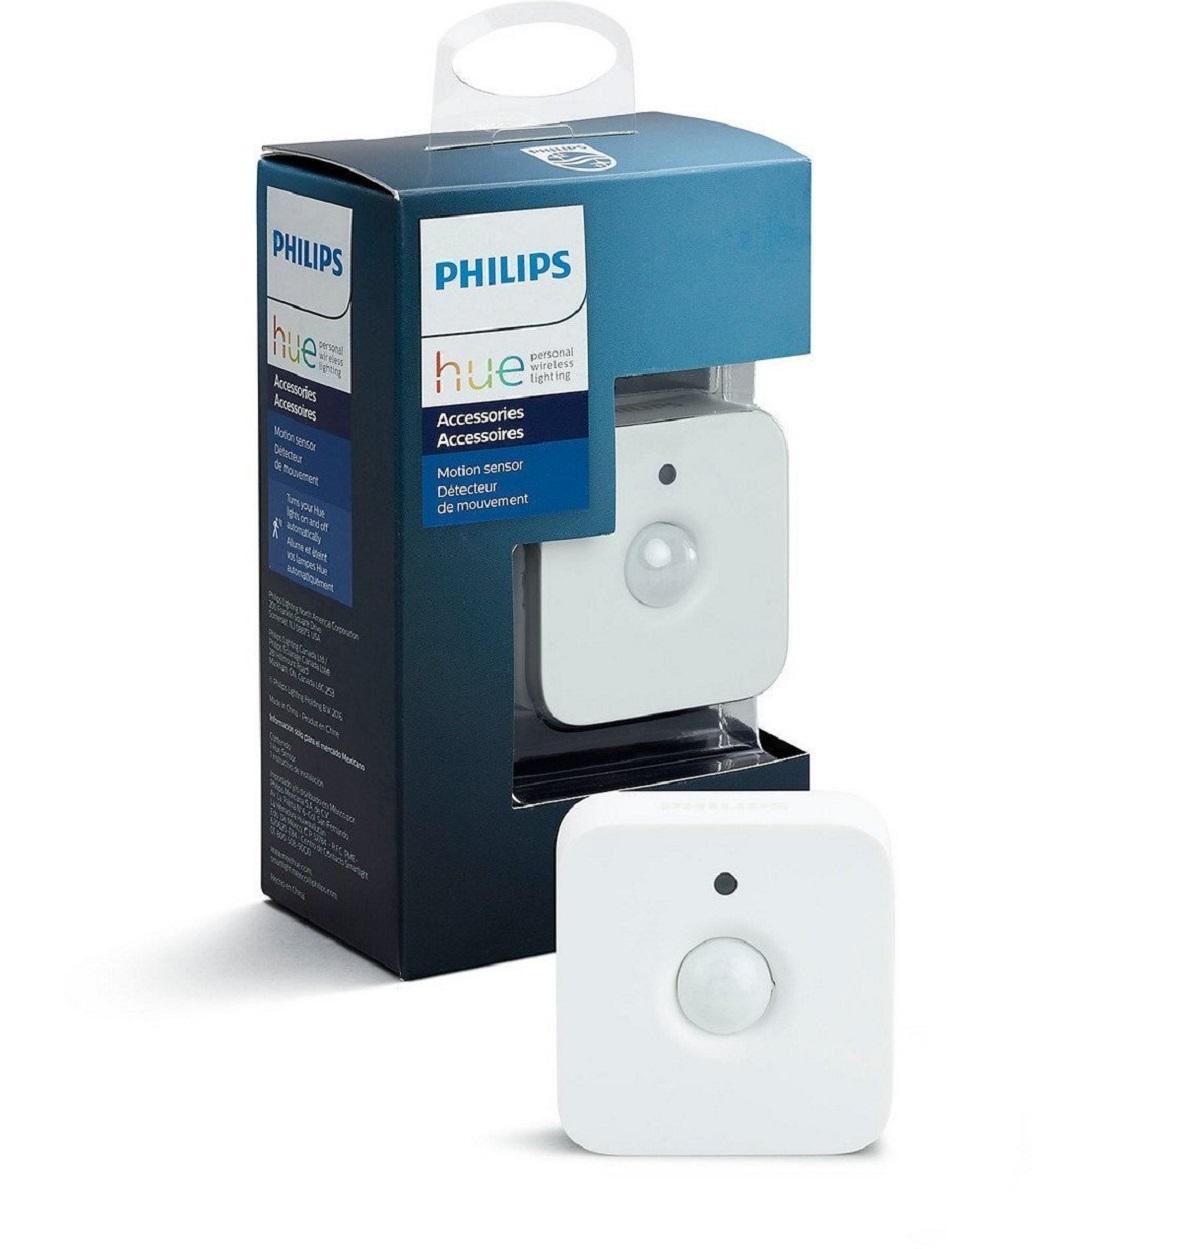 Philips Hue Bewegungsmelder   Bewegungssensor zur Lampensteuerung   Tageslichtsensor